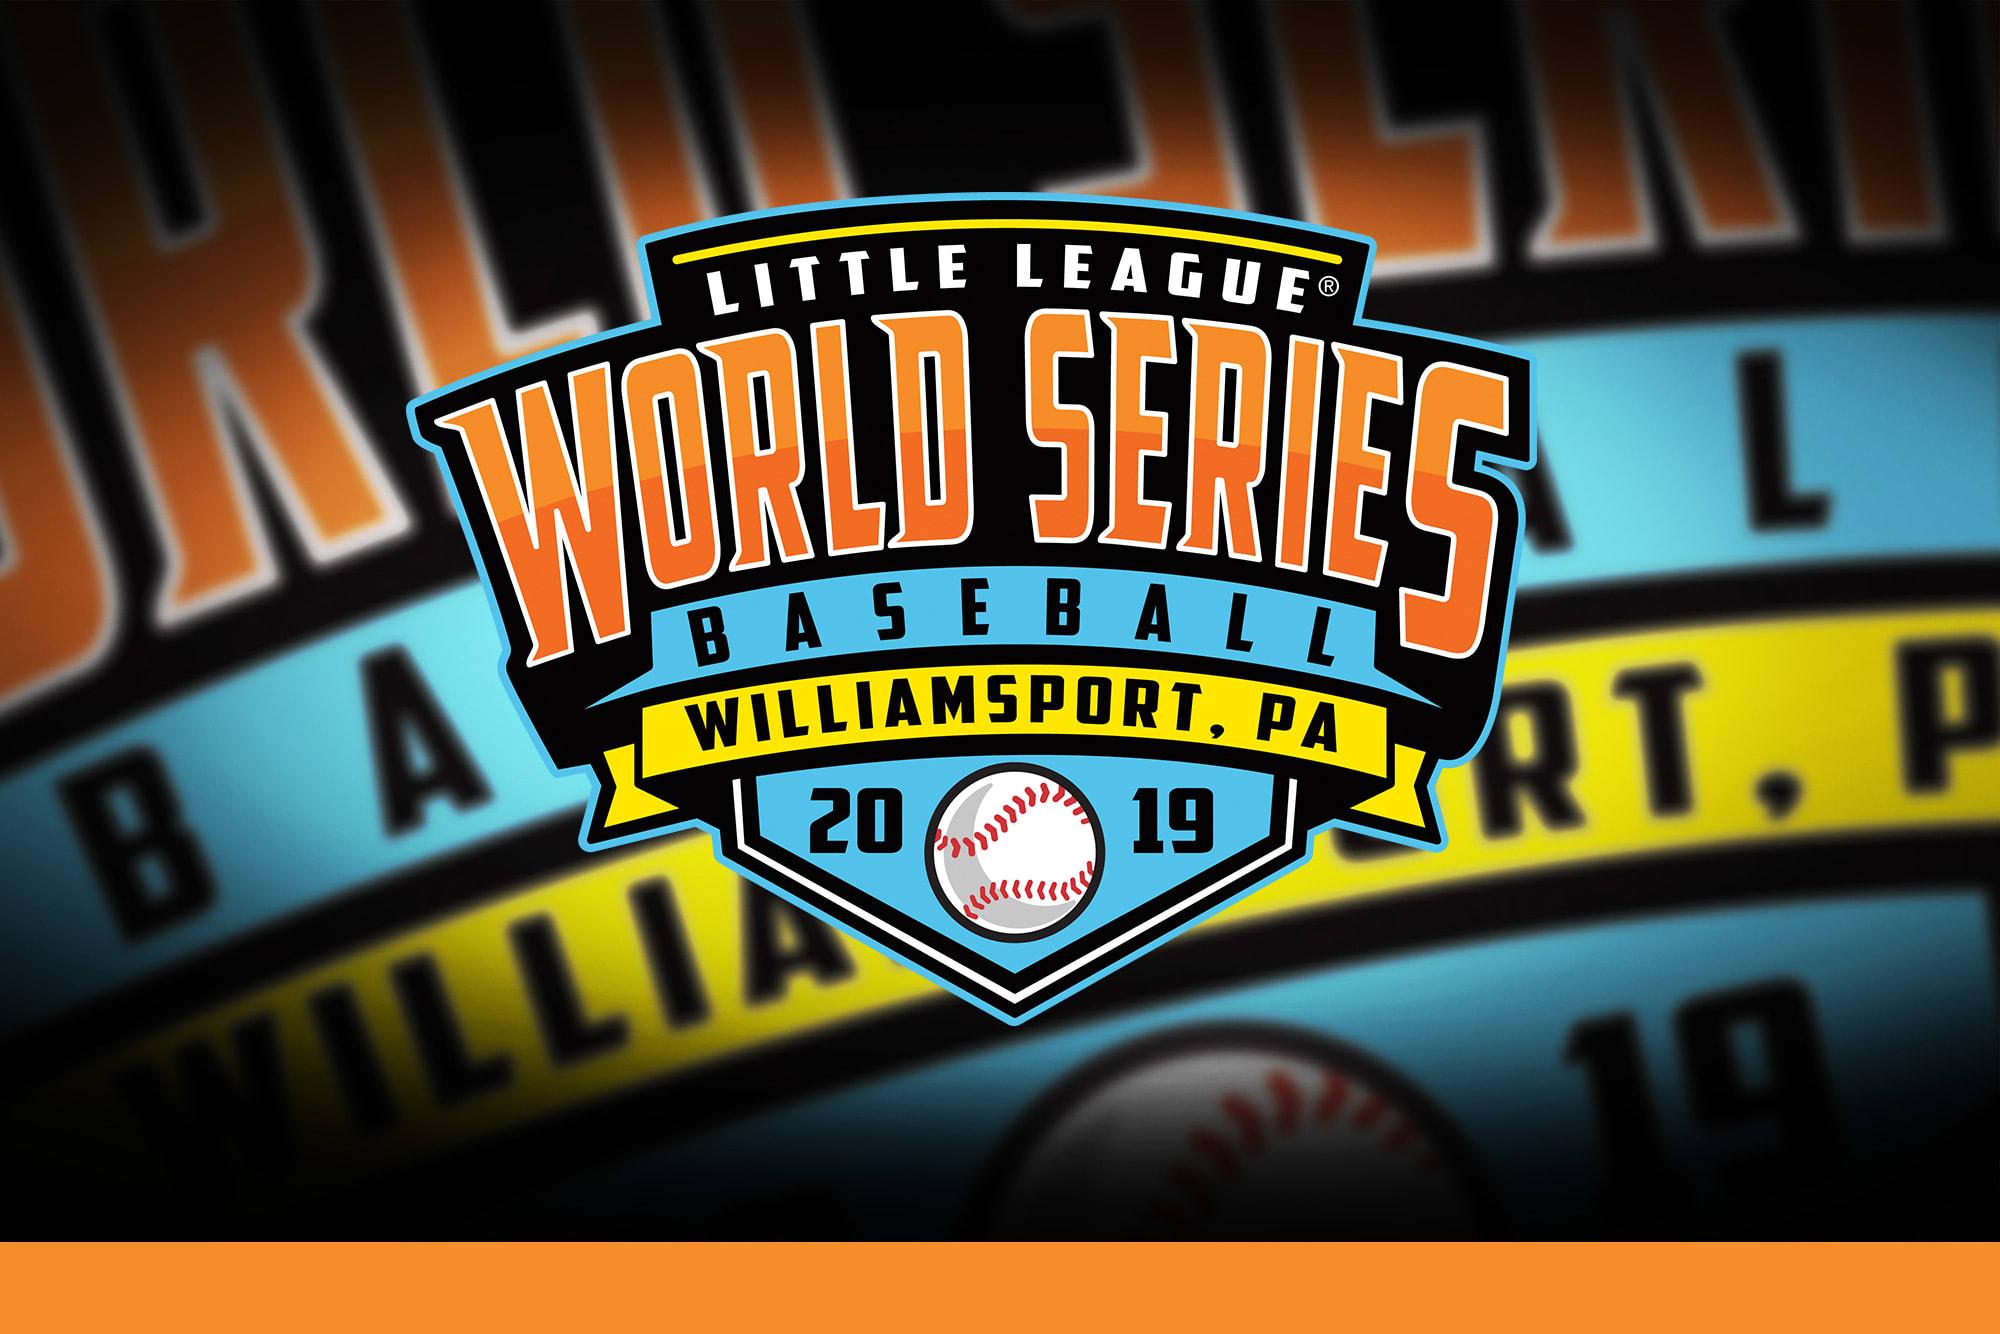 Calendario De International Champions Cup 2019.2019 Little League Baseball World Series Little League